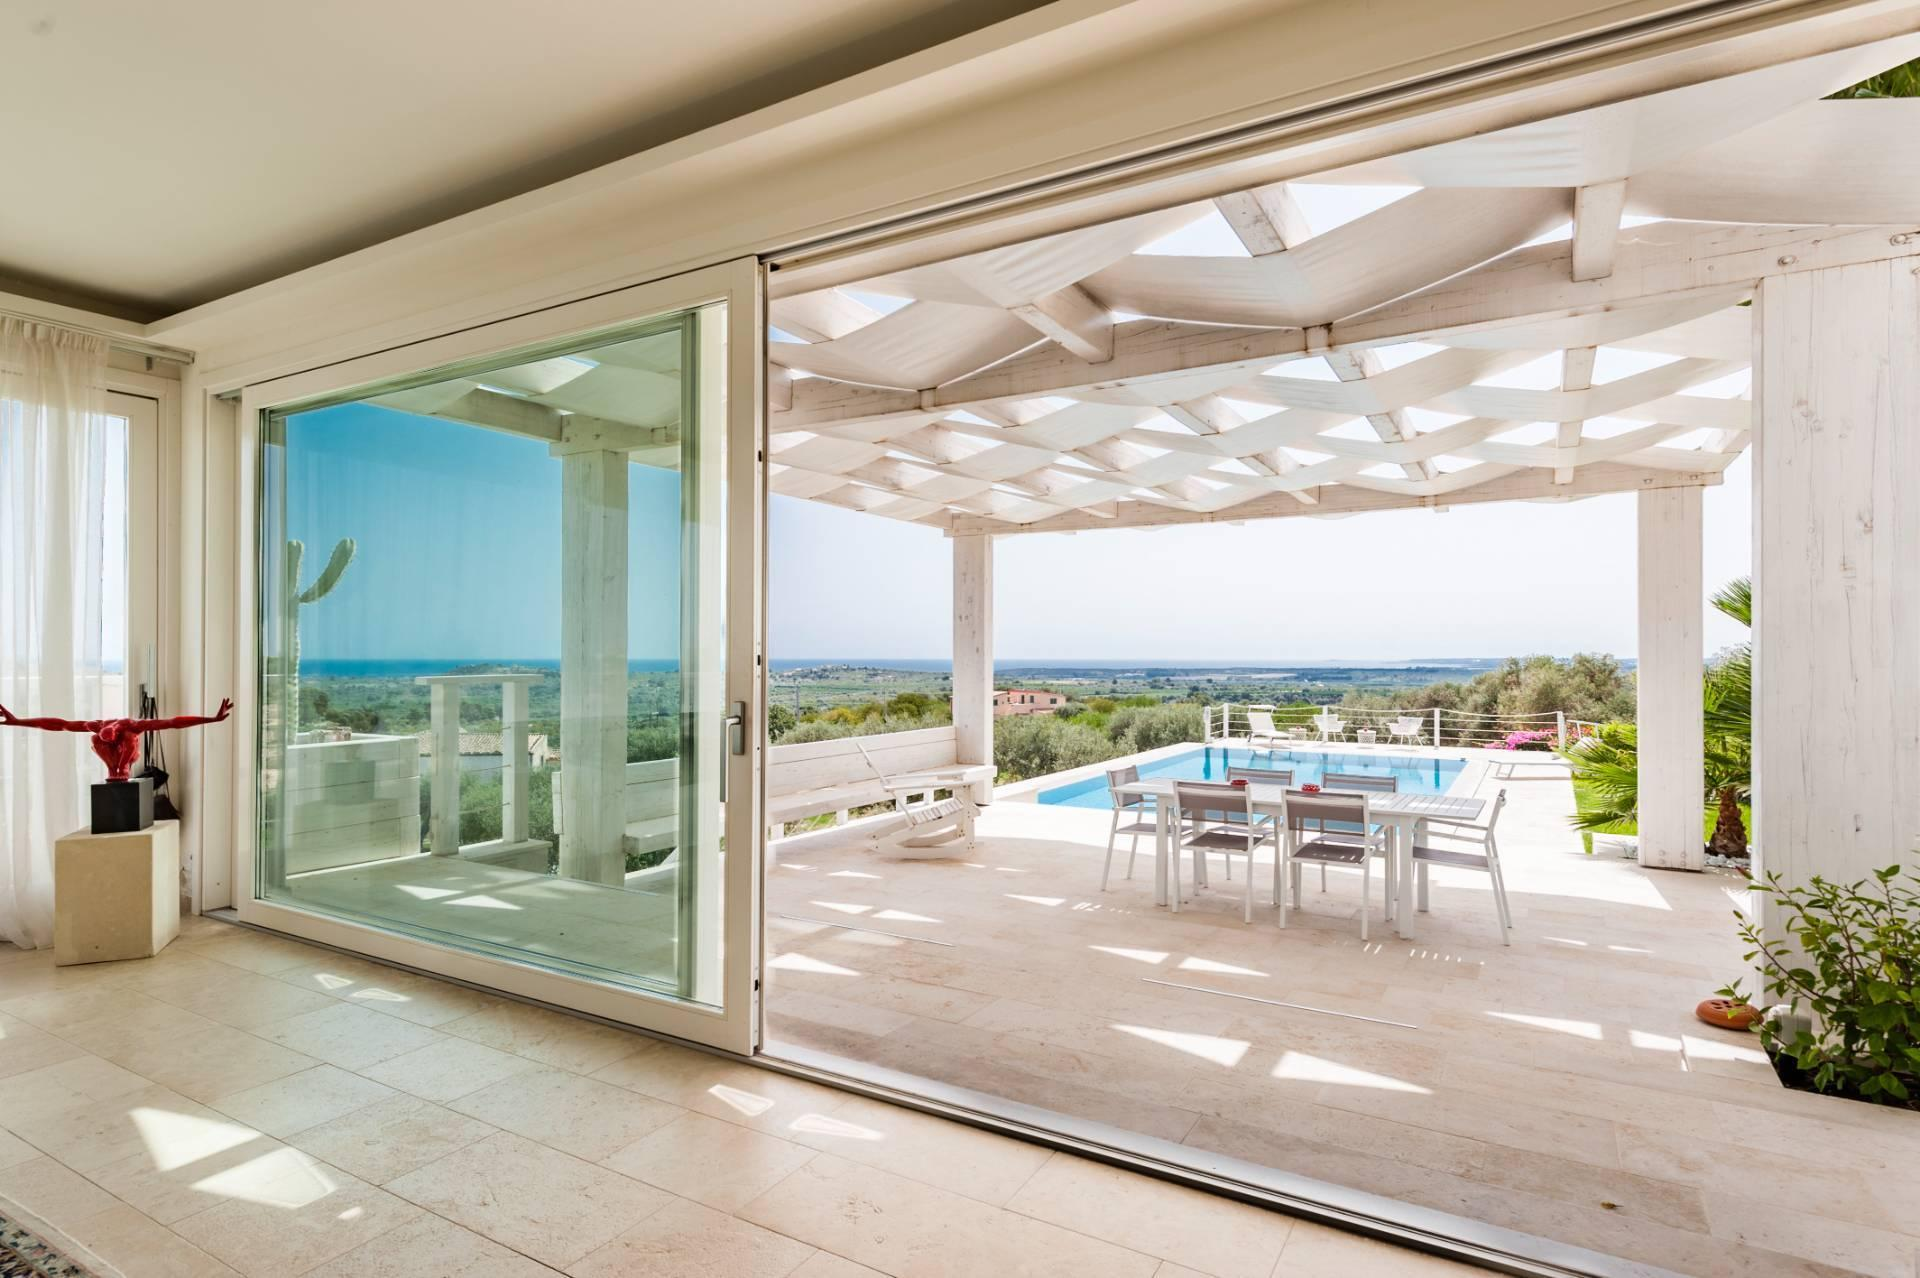 Villa prestigiosa con piscina vista mare - 5